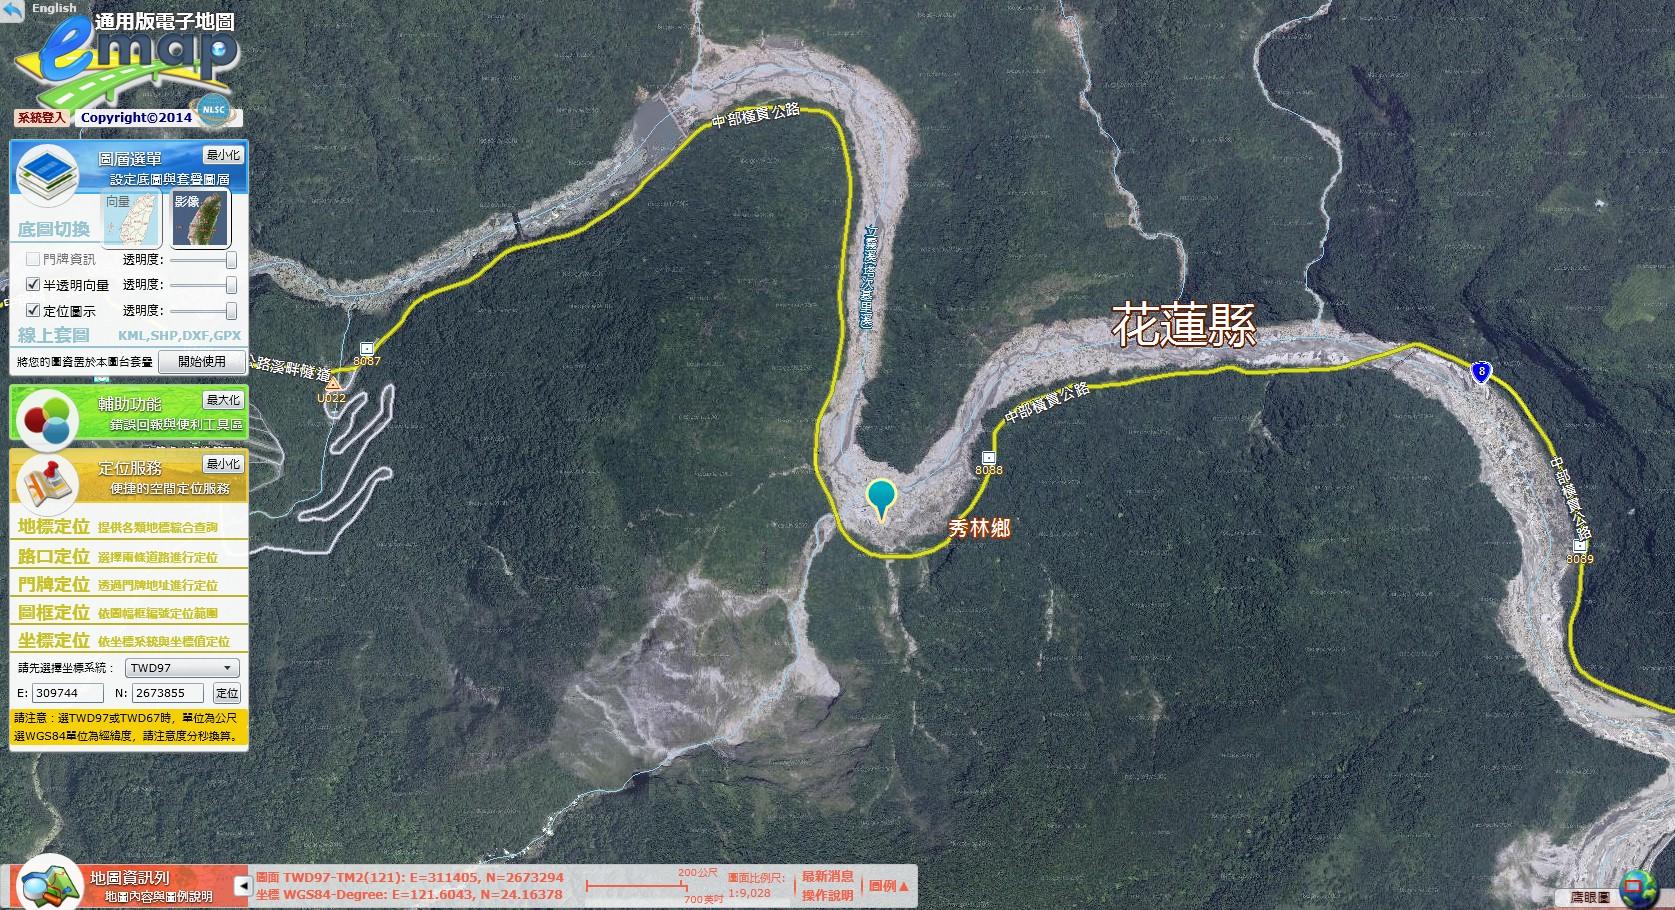 臺灣通用電子地圖標示崩塌地位置